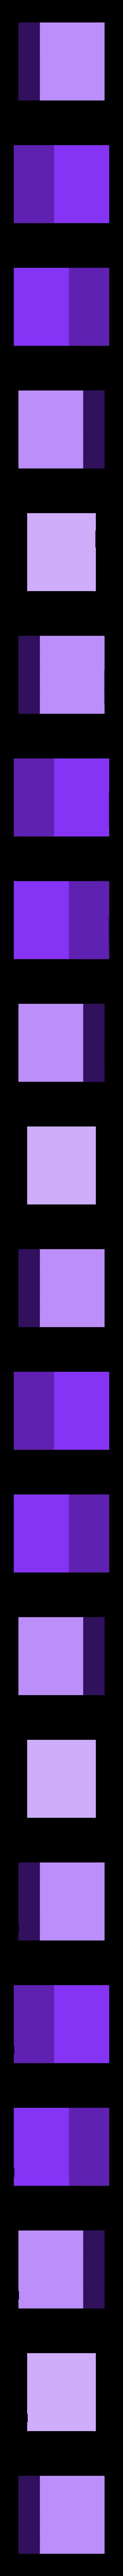 Step up base2.stl Télécharger fichier STL gratuit jedi • Objet pour impression 3D, tutus